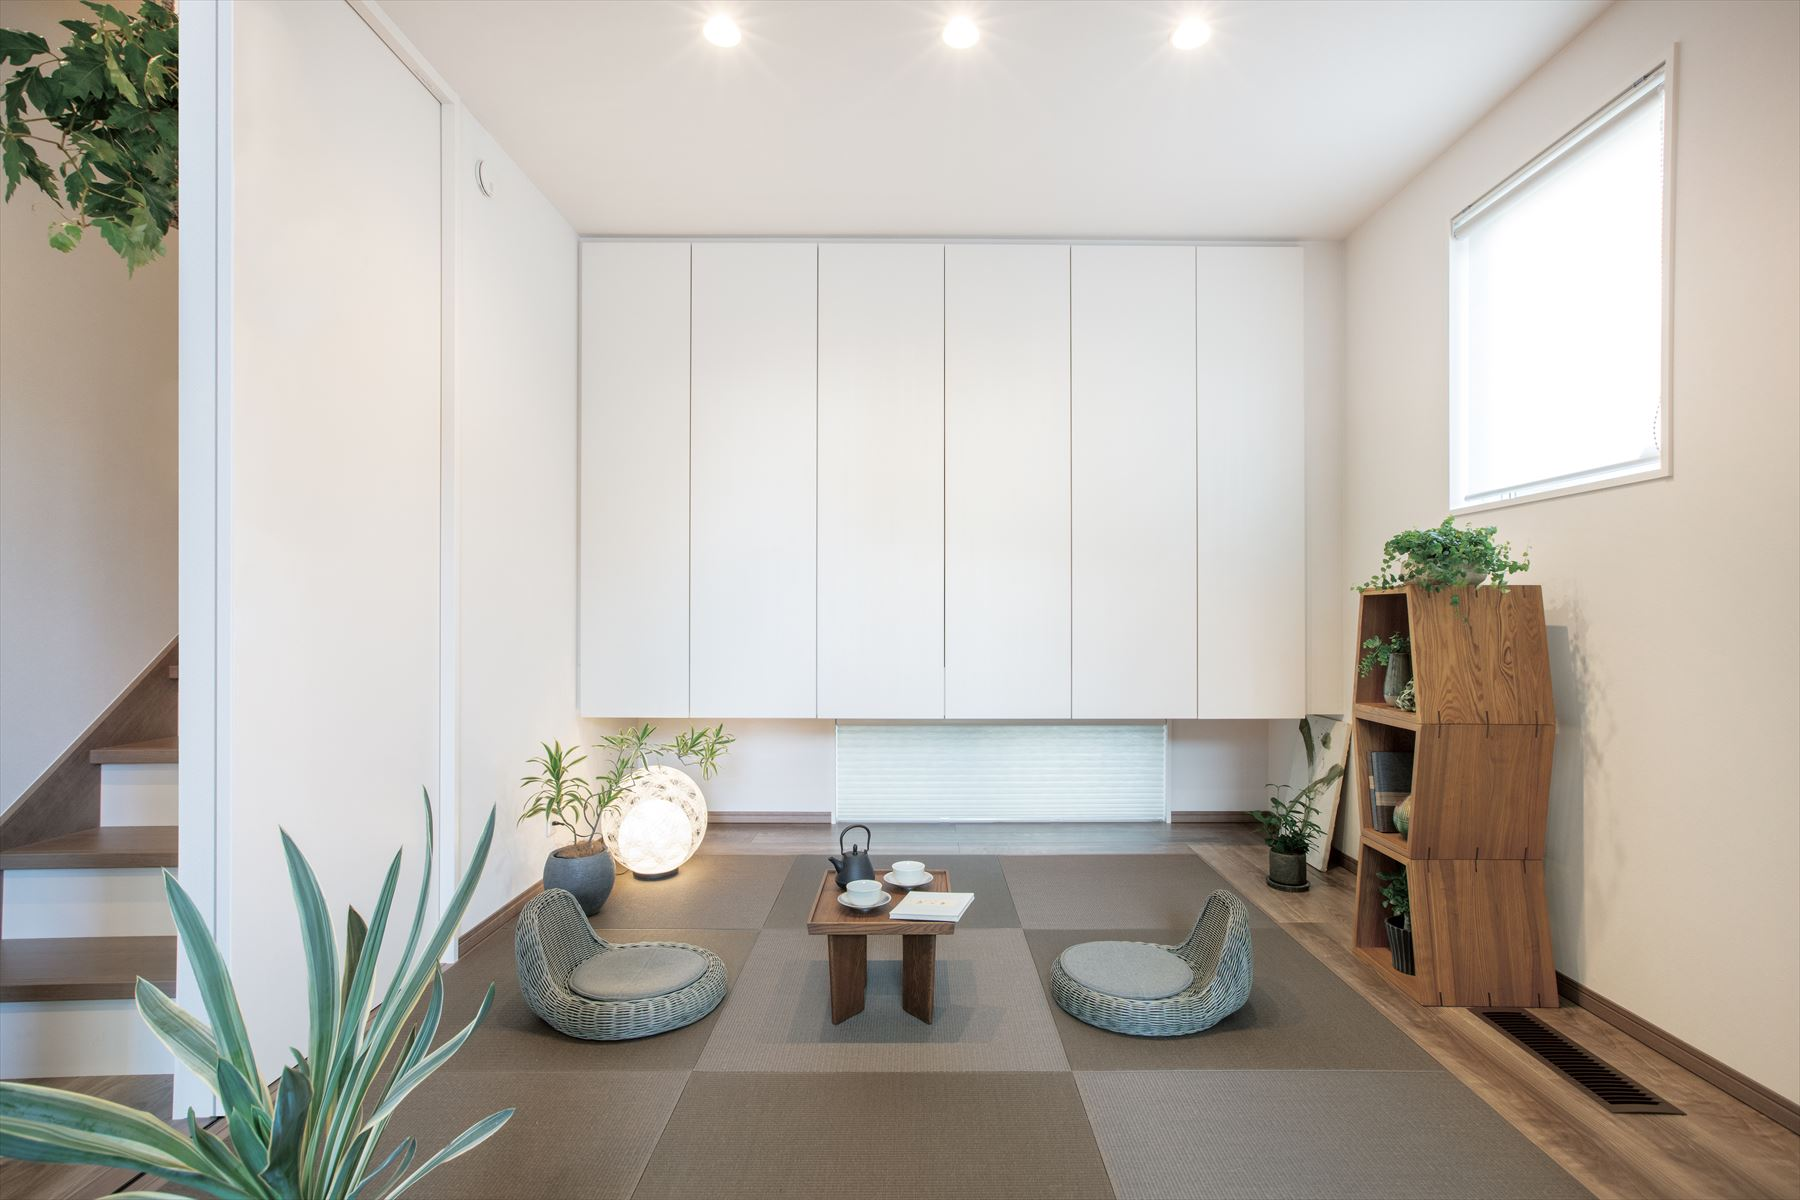 モデルハウス/住宅展示場情報:唐崎モデルハウスのスライダー用サムネイル画像